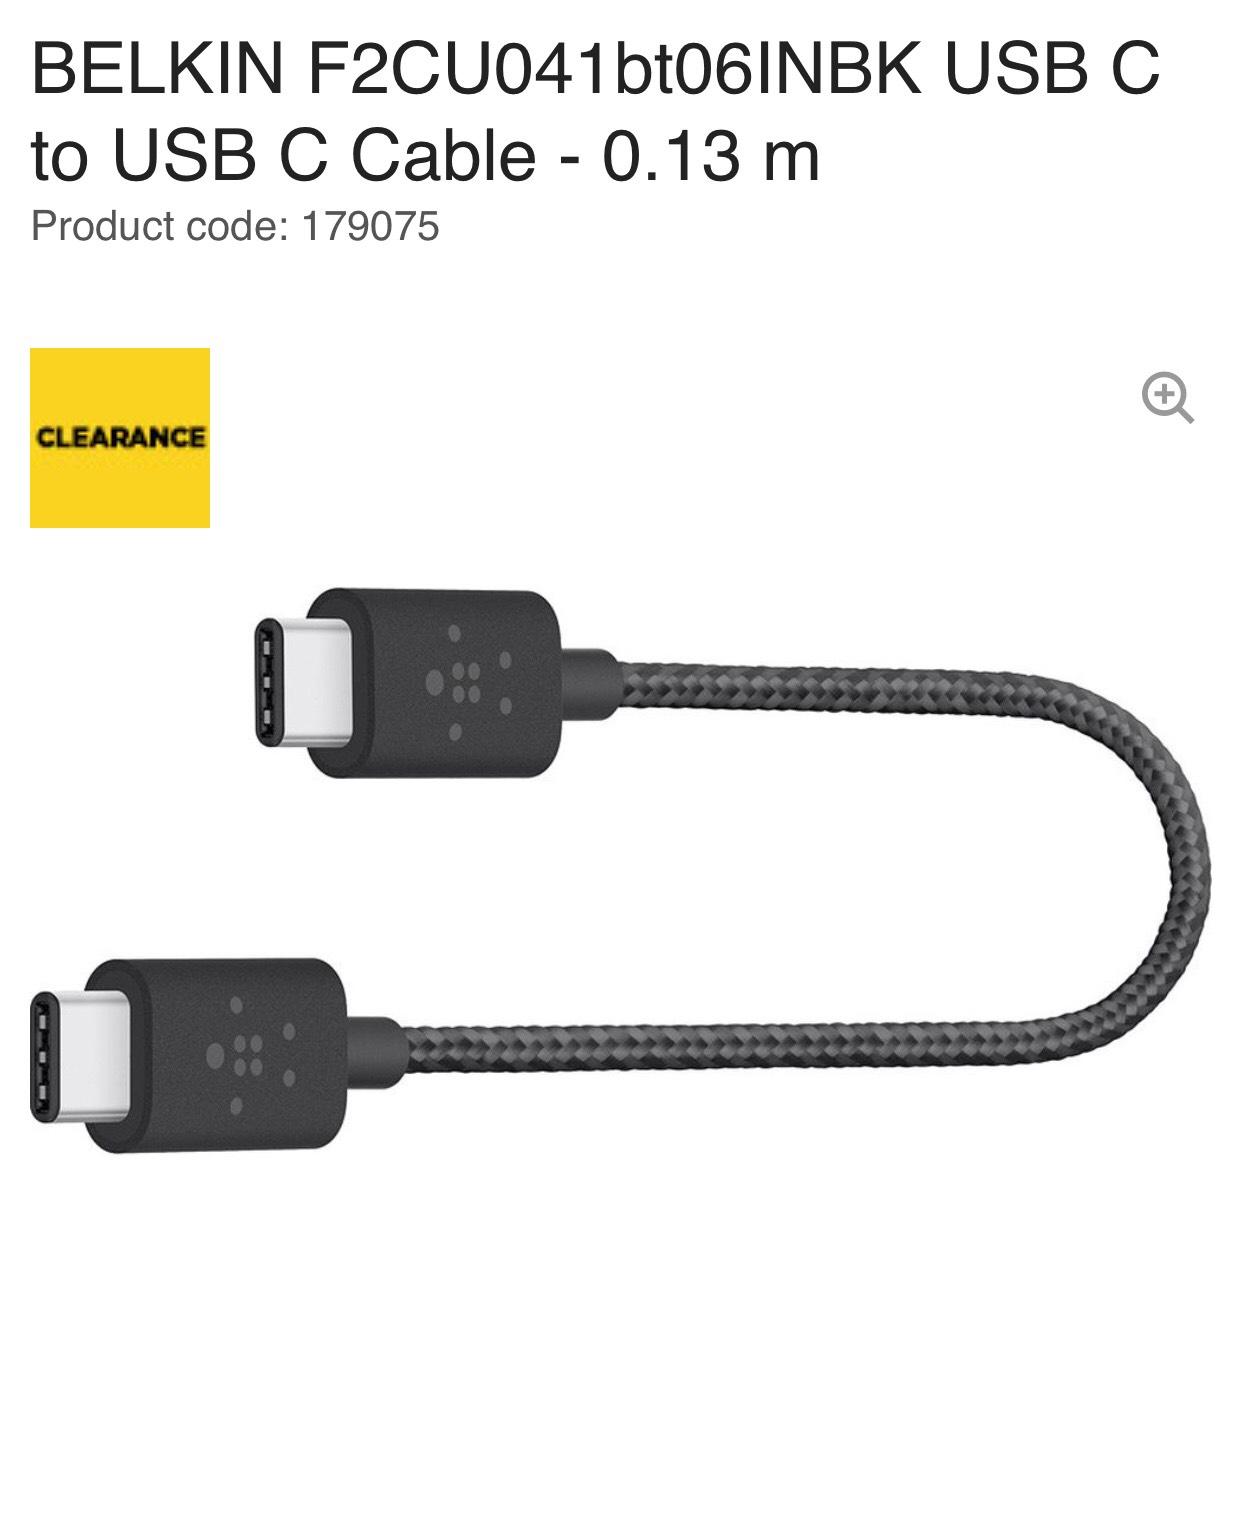 BELKIN F2CU041bt06INBK USB C to USB C Cable - 0.13 m now £1.97 @ Curry's PC World